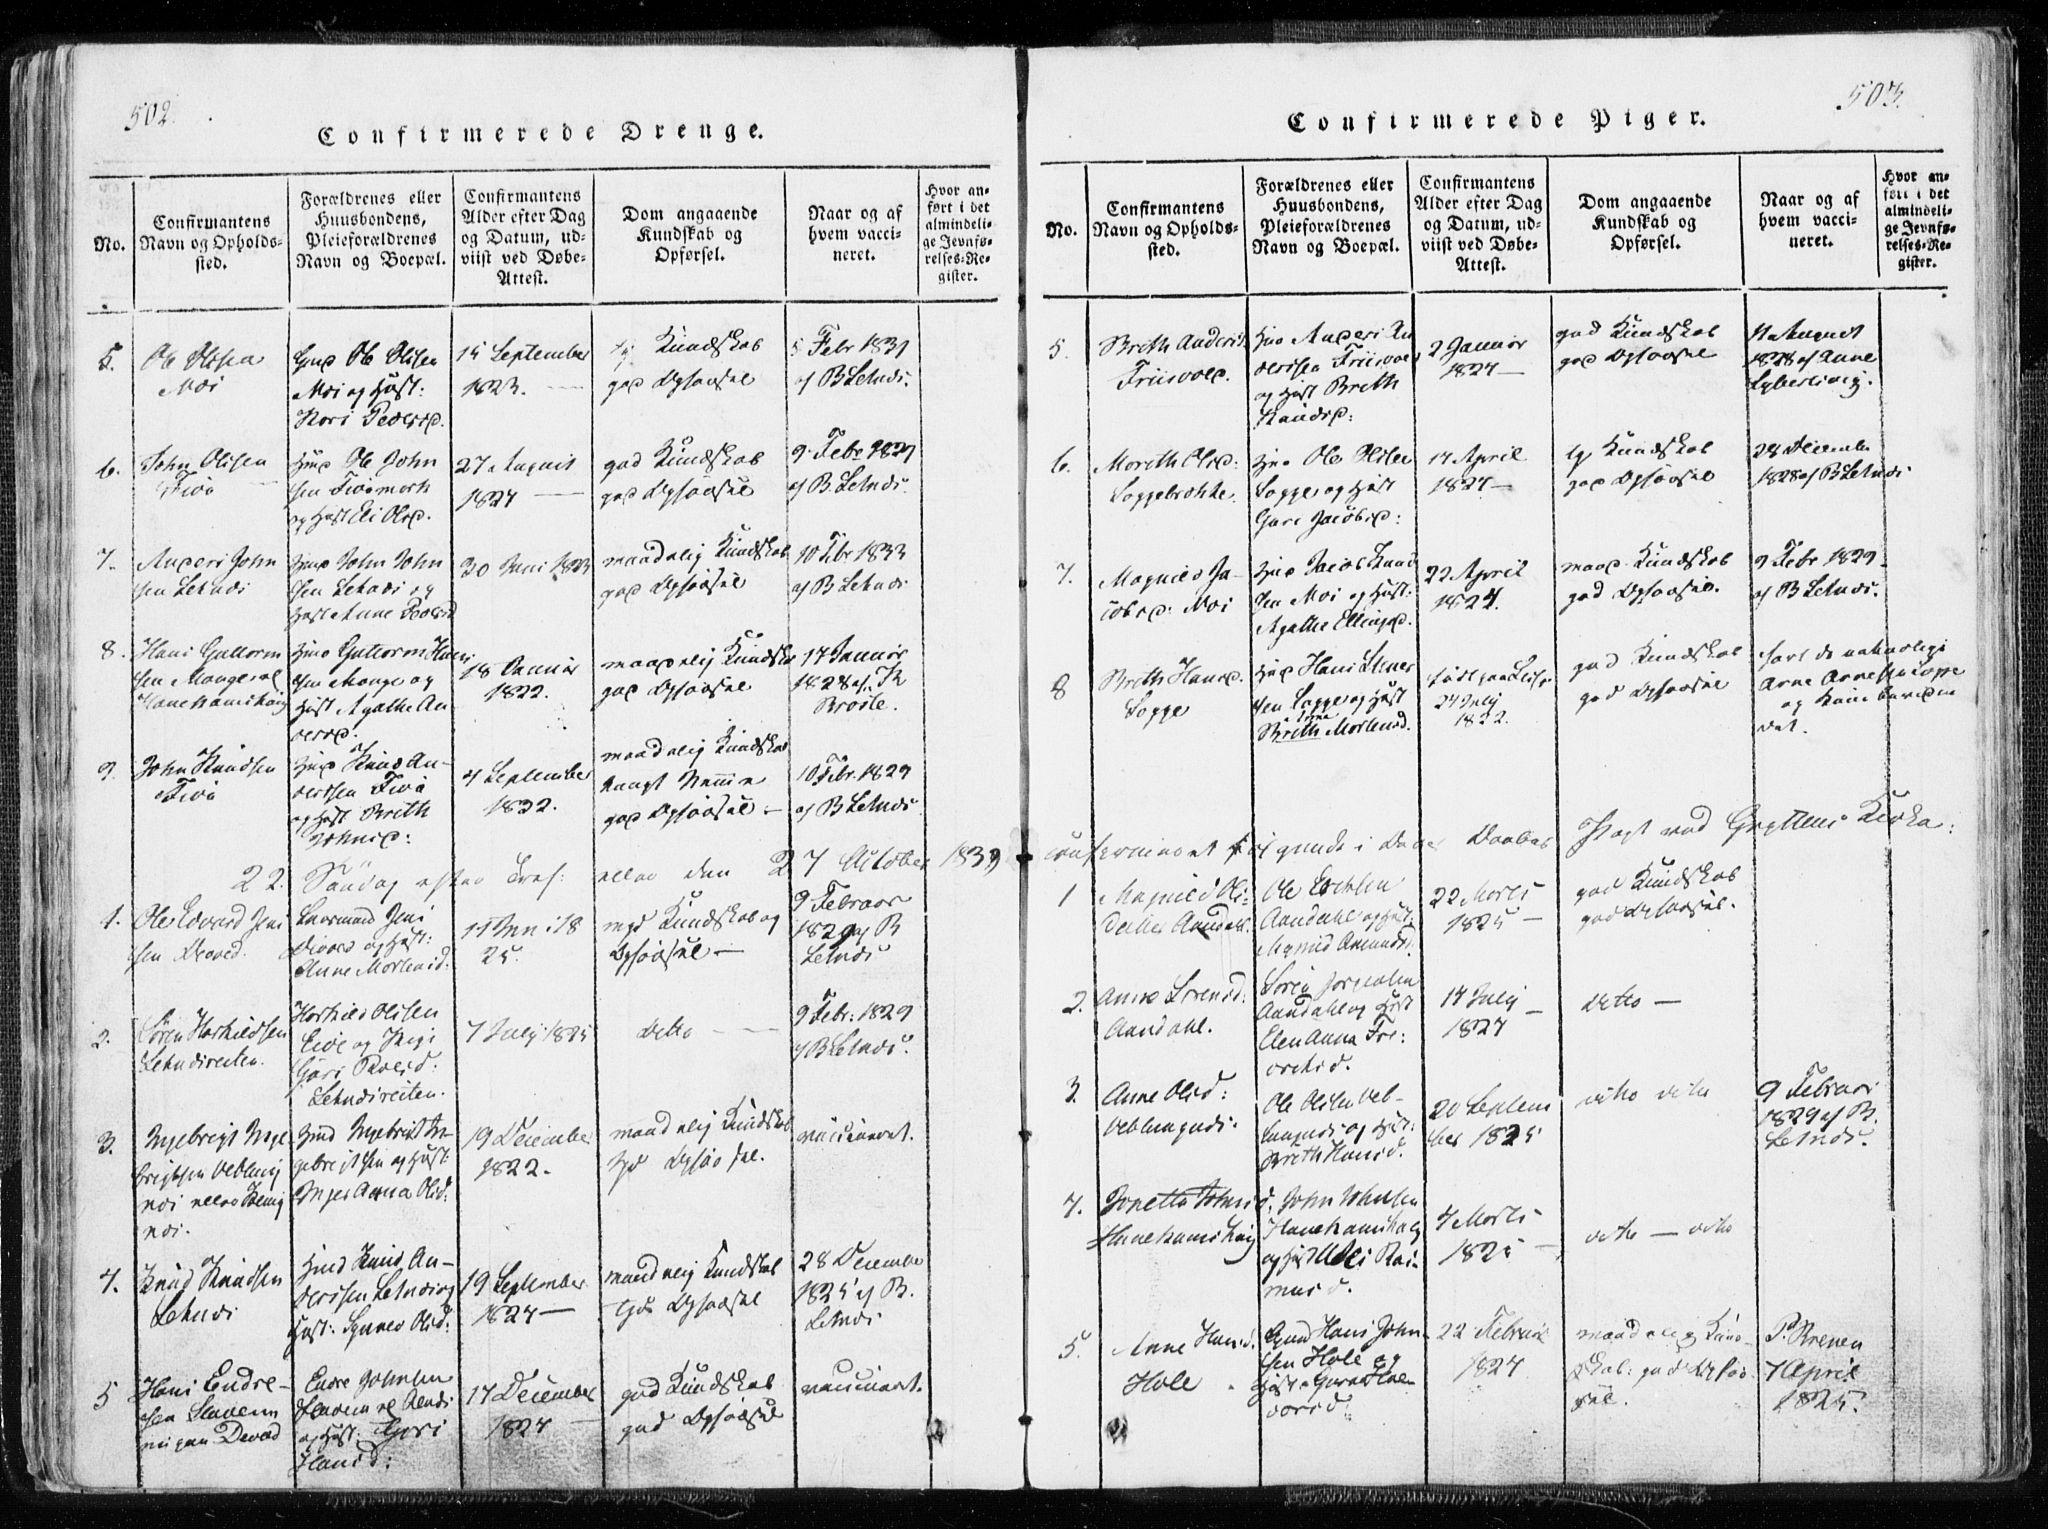 SAT, Ministerialprotokoller, klokkerbøker og fødselsregistre - Møre og Romsdal, 544/L0571: Ministerialbok nr. 544A04, 1818-1853, s. 502-503